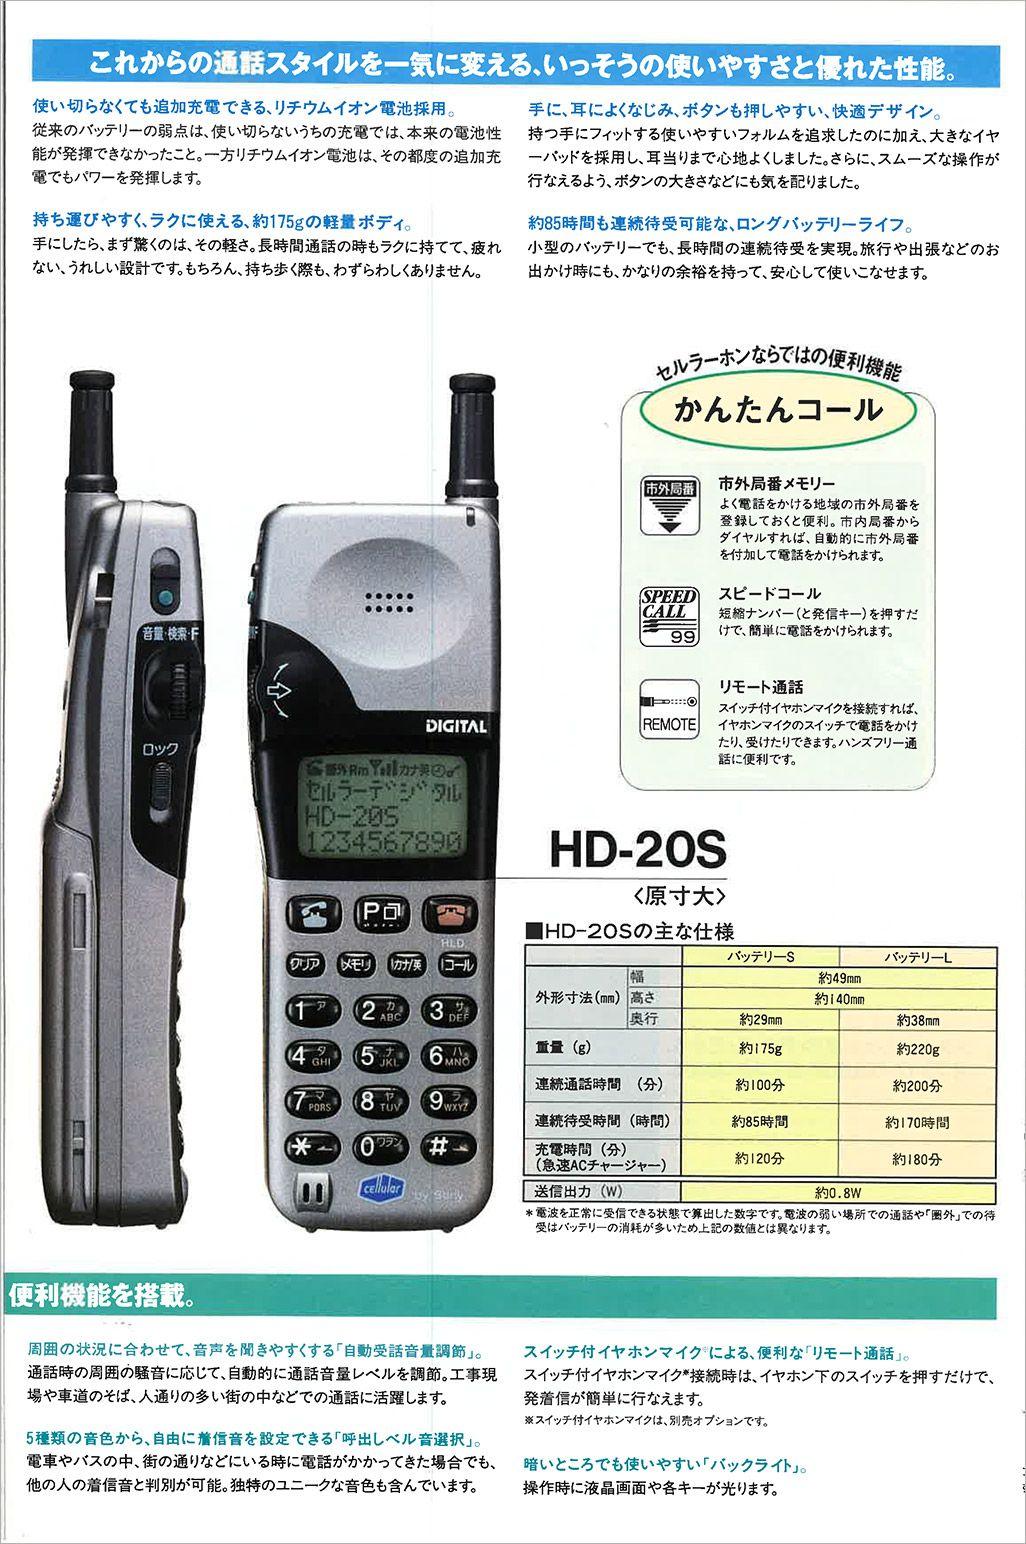 auのソニー製携帯電話HD-20S